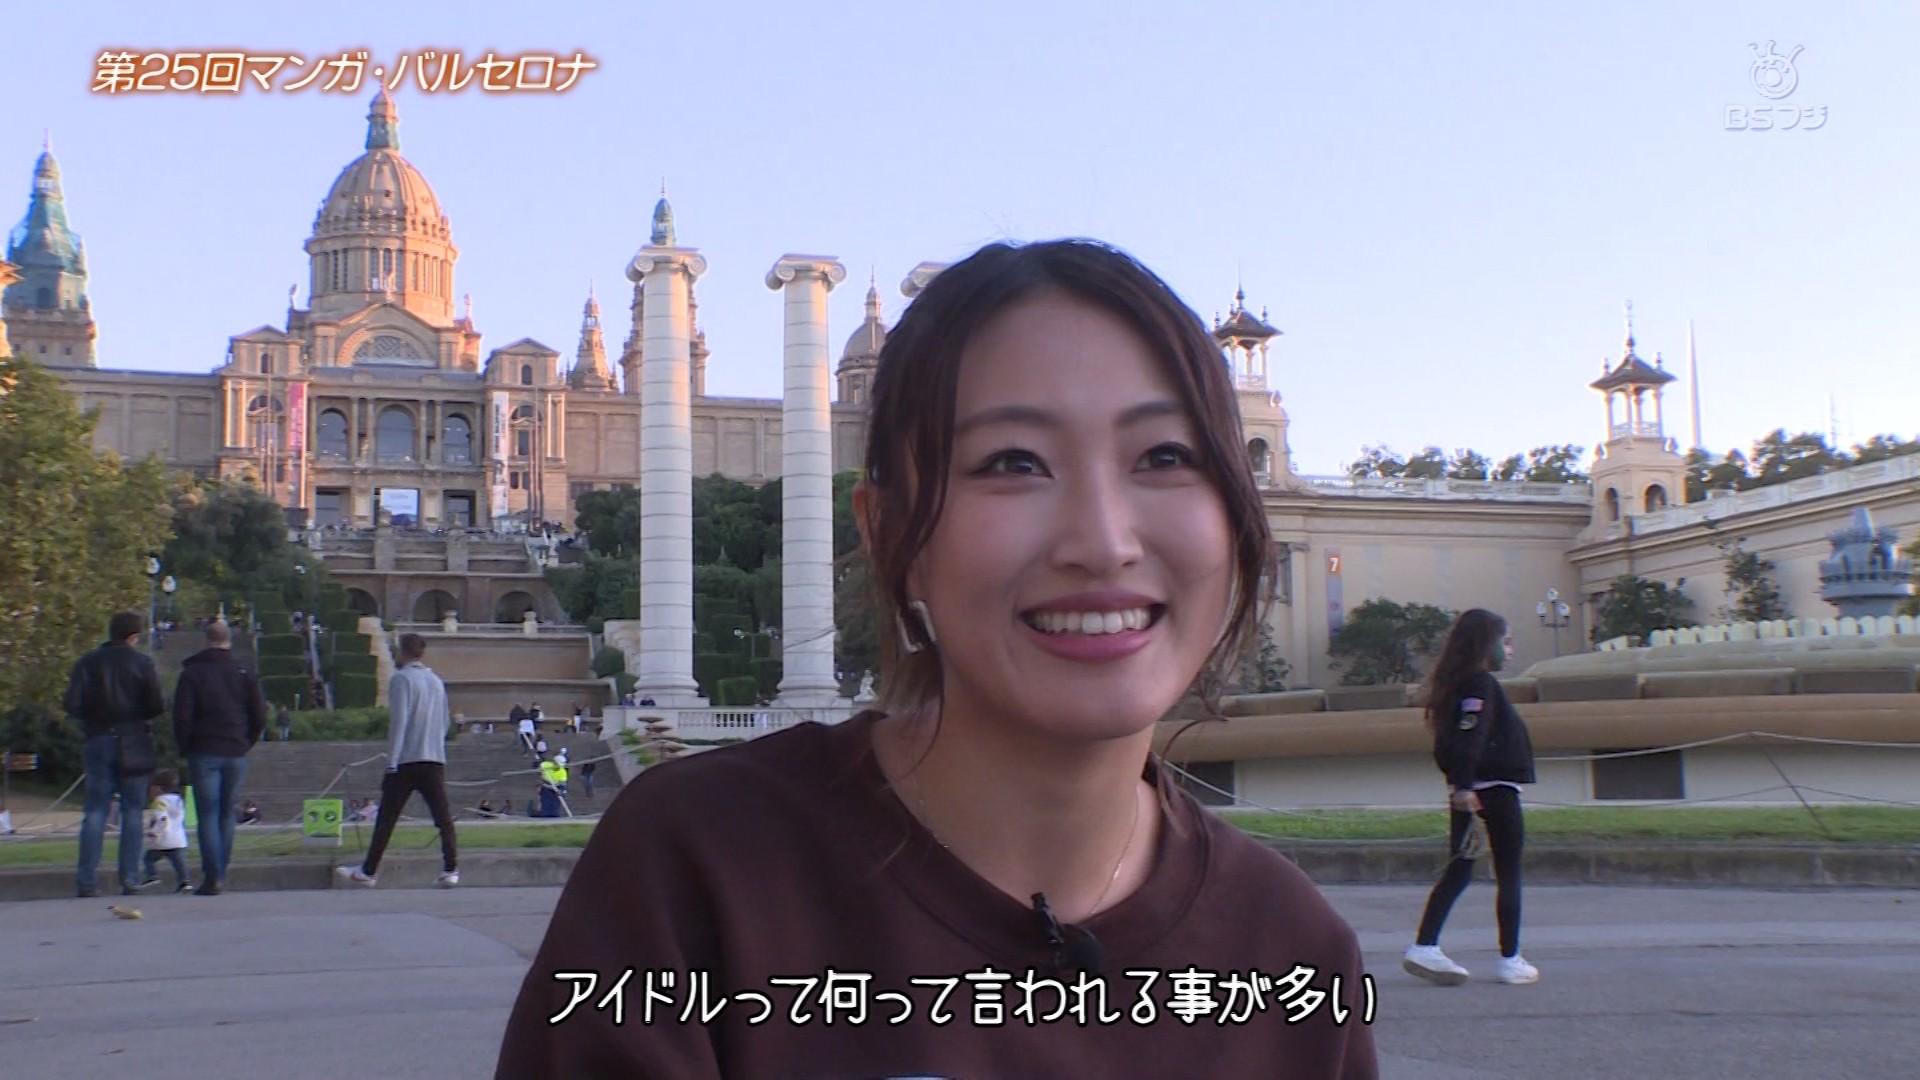 【上枝恵美加】えみち出演BSフジ「世界のアートイベントに見るジャパニーズカルチャーの今」の画像